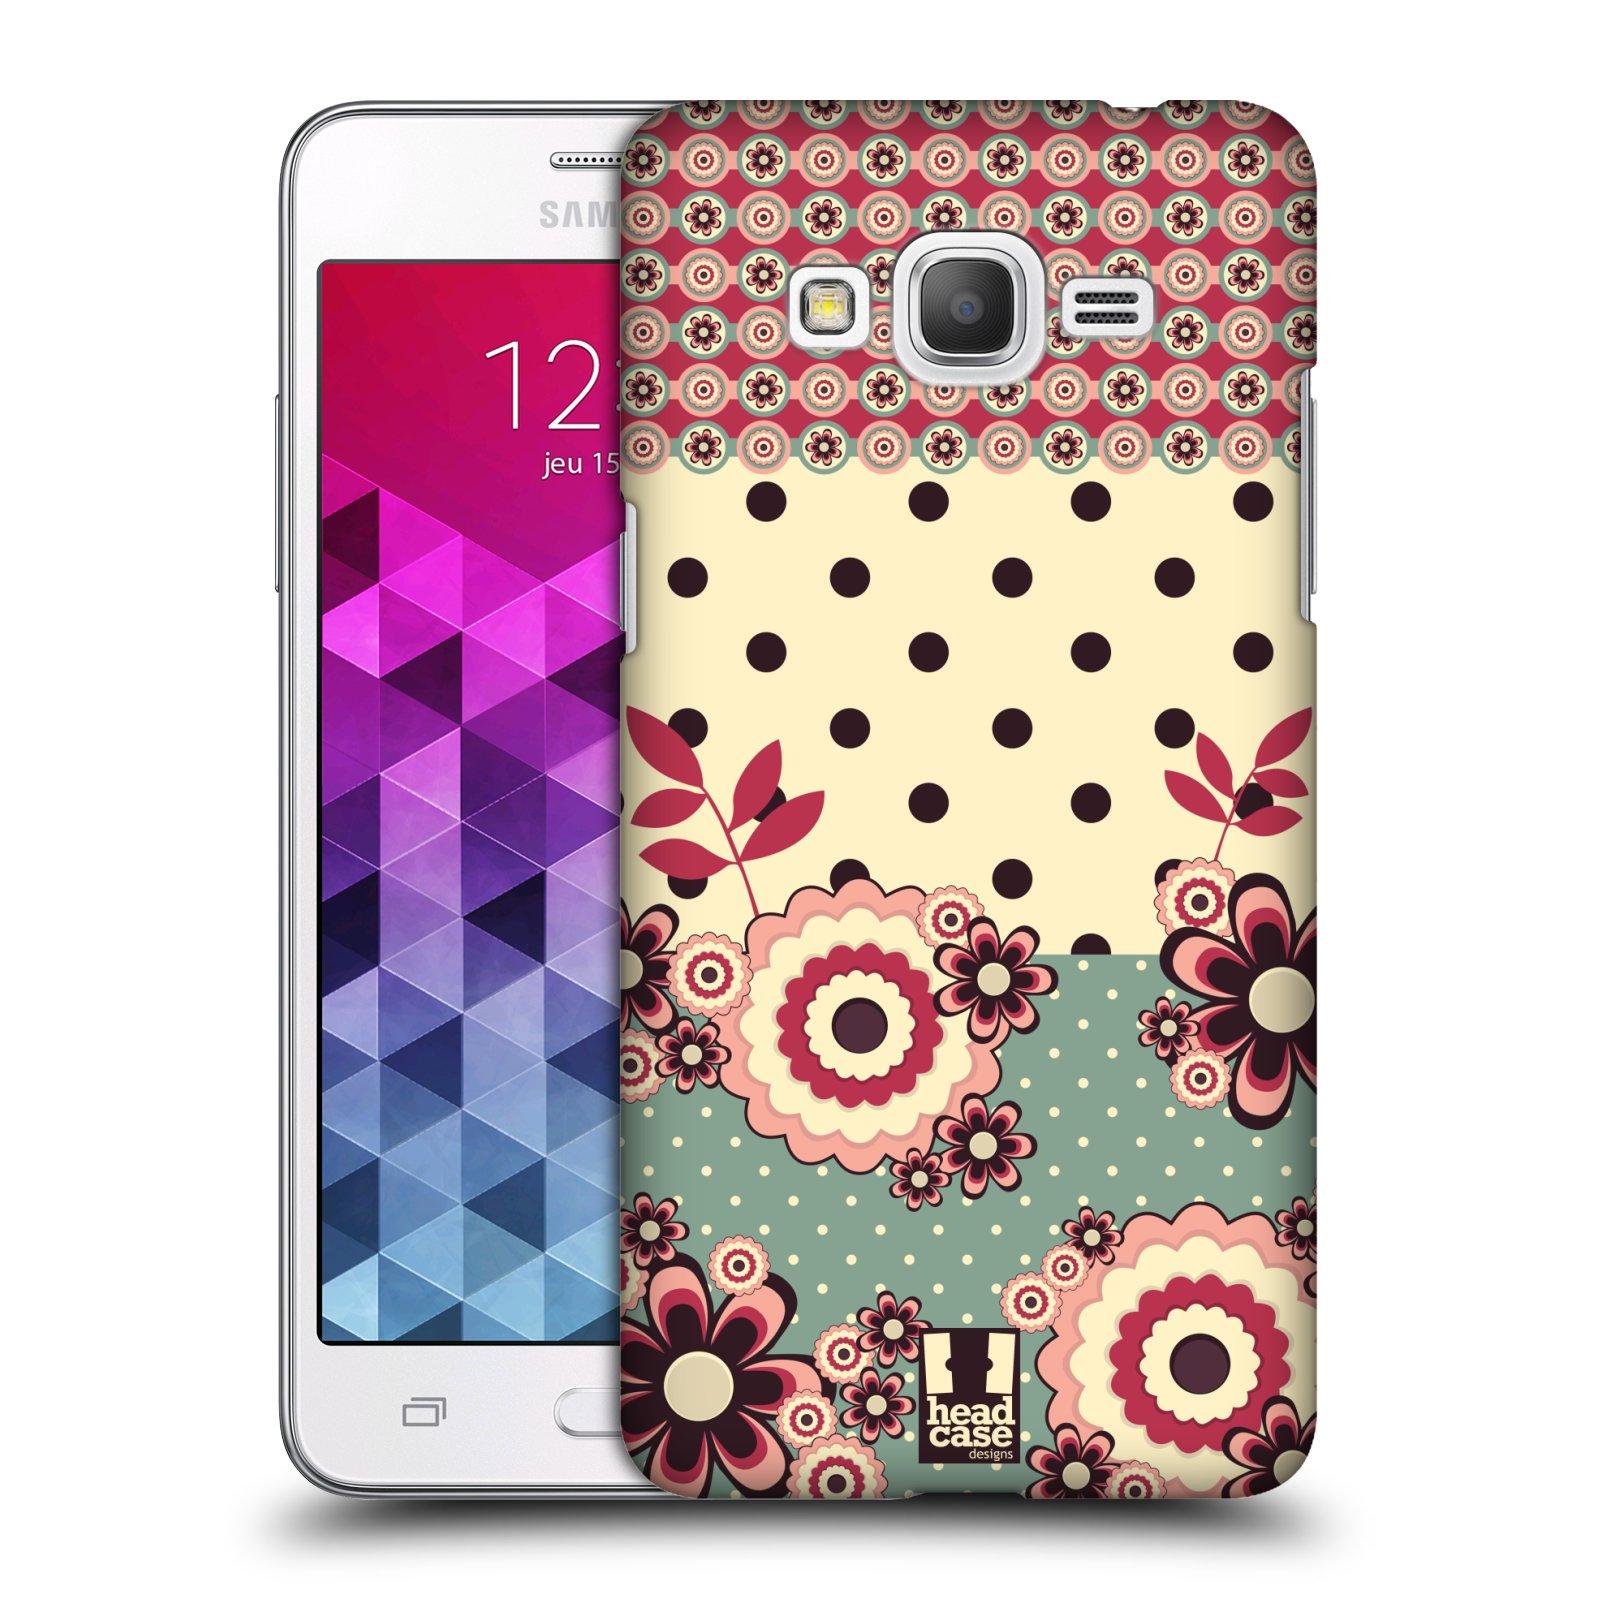 Plastové pouzdro na mobil Samsung Galaxy Grand Prime HEAD CASE KVÍTKA PINK CREAM